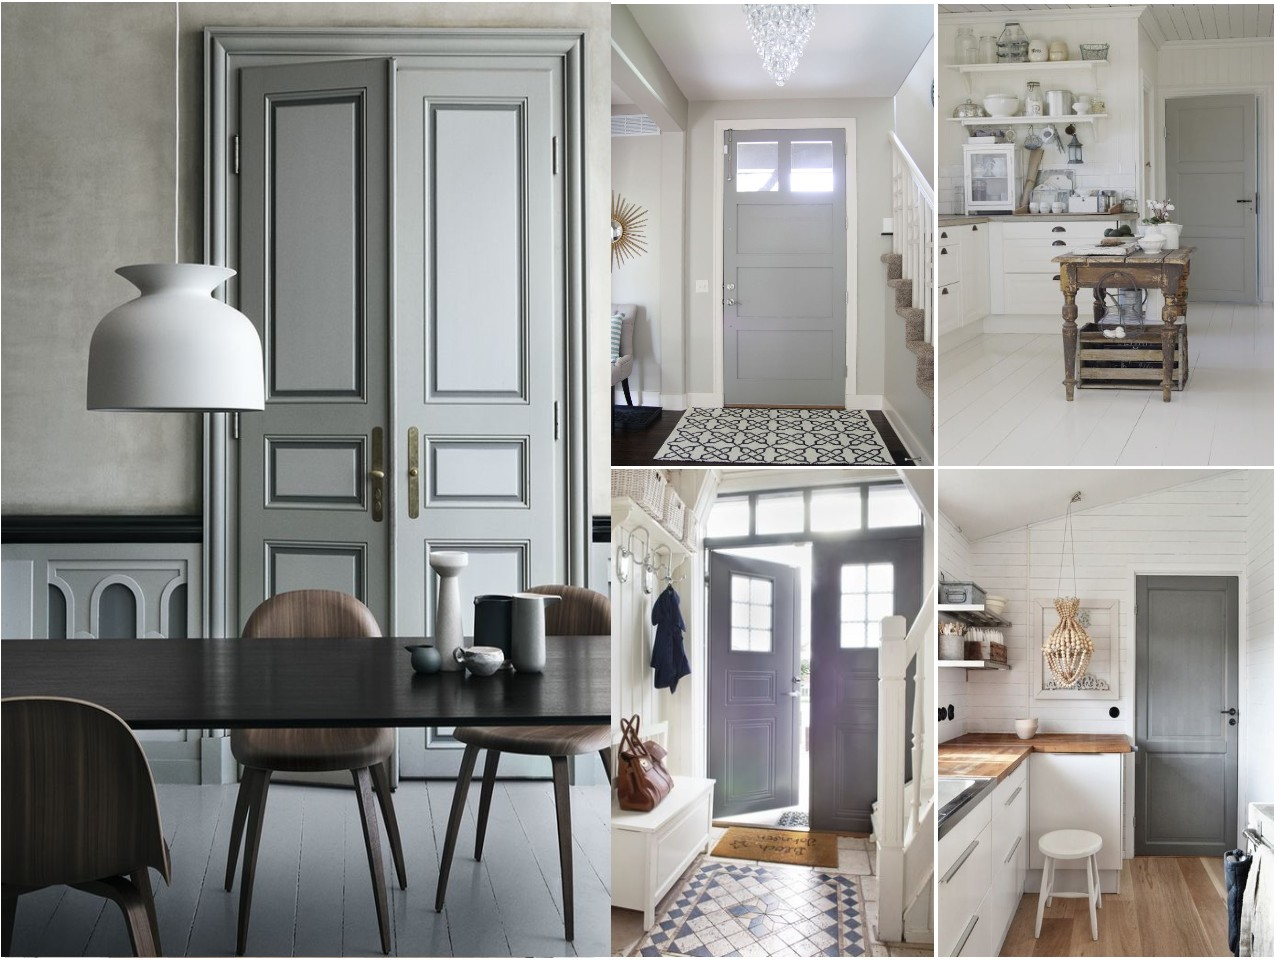 C mo pintar las puertas de casa ideas e inspiraci n - Ideas para pintar casa ...